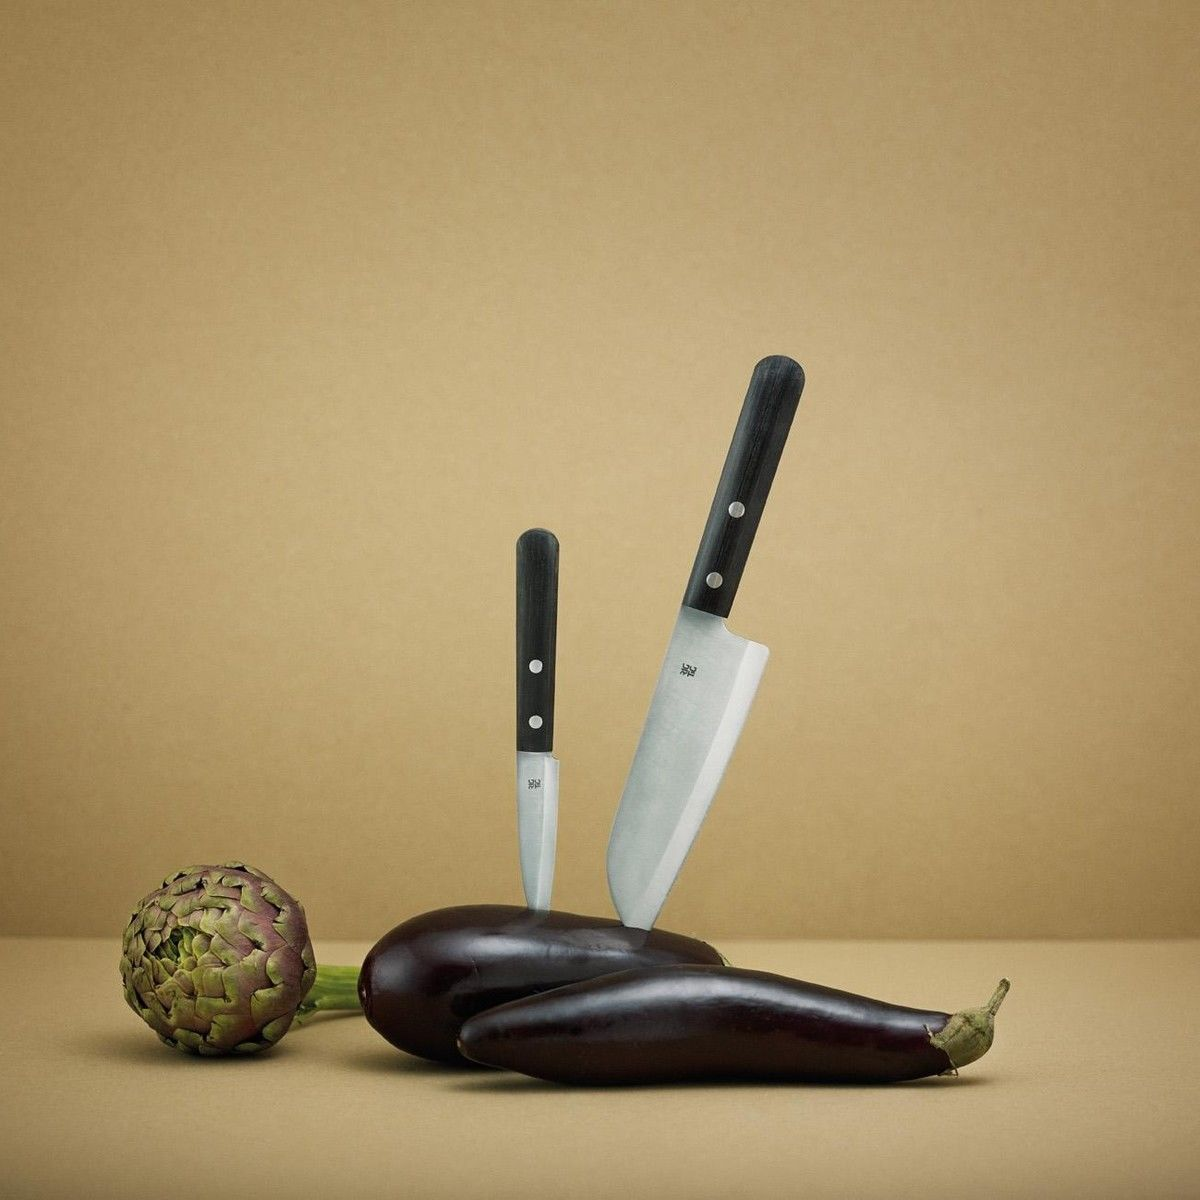 rig tig easy paring knife rig tig knives knife blocks kitchenware accessories. Black Bedroom Furniture Sets. Home Design Ideas